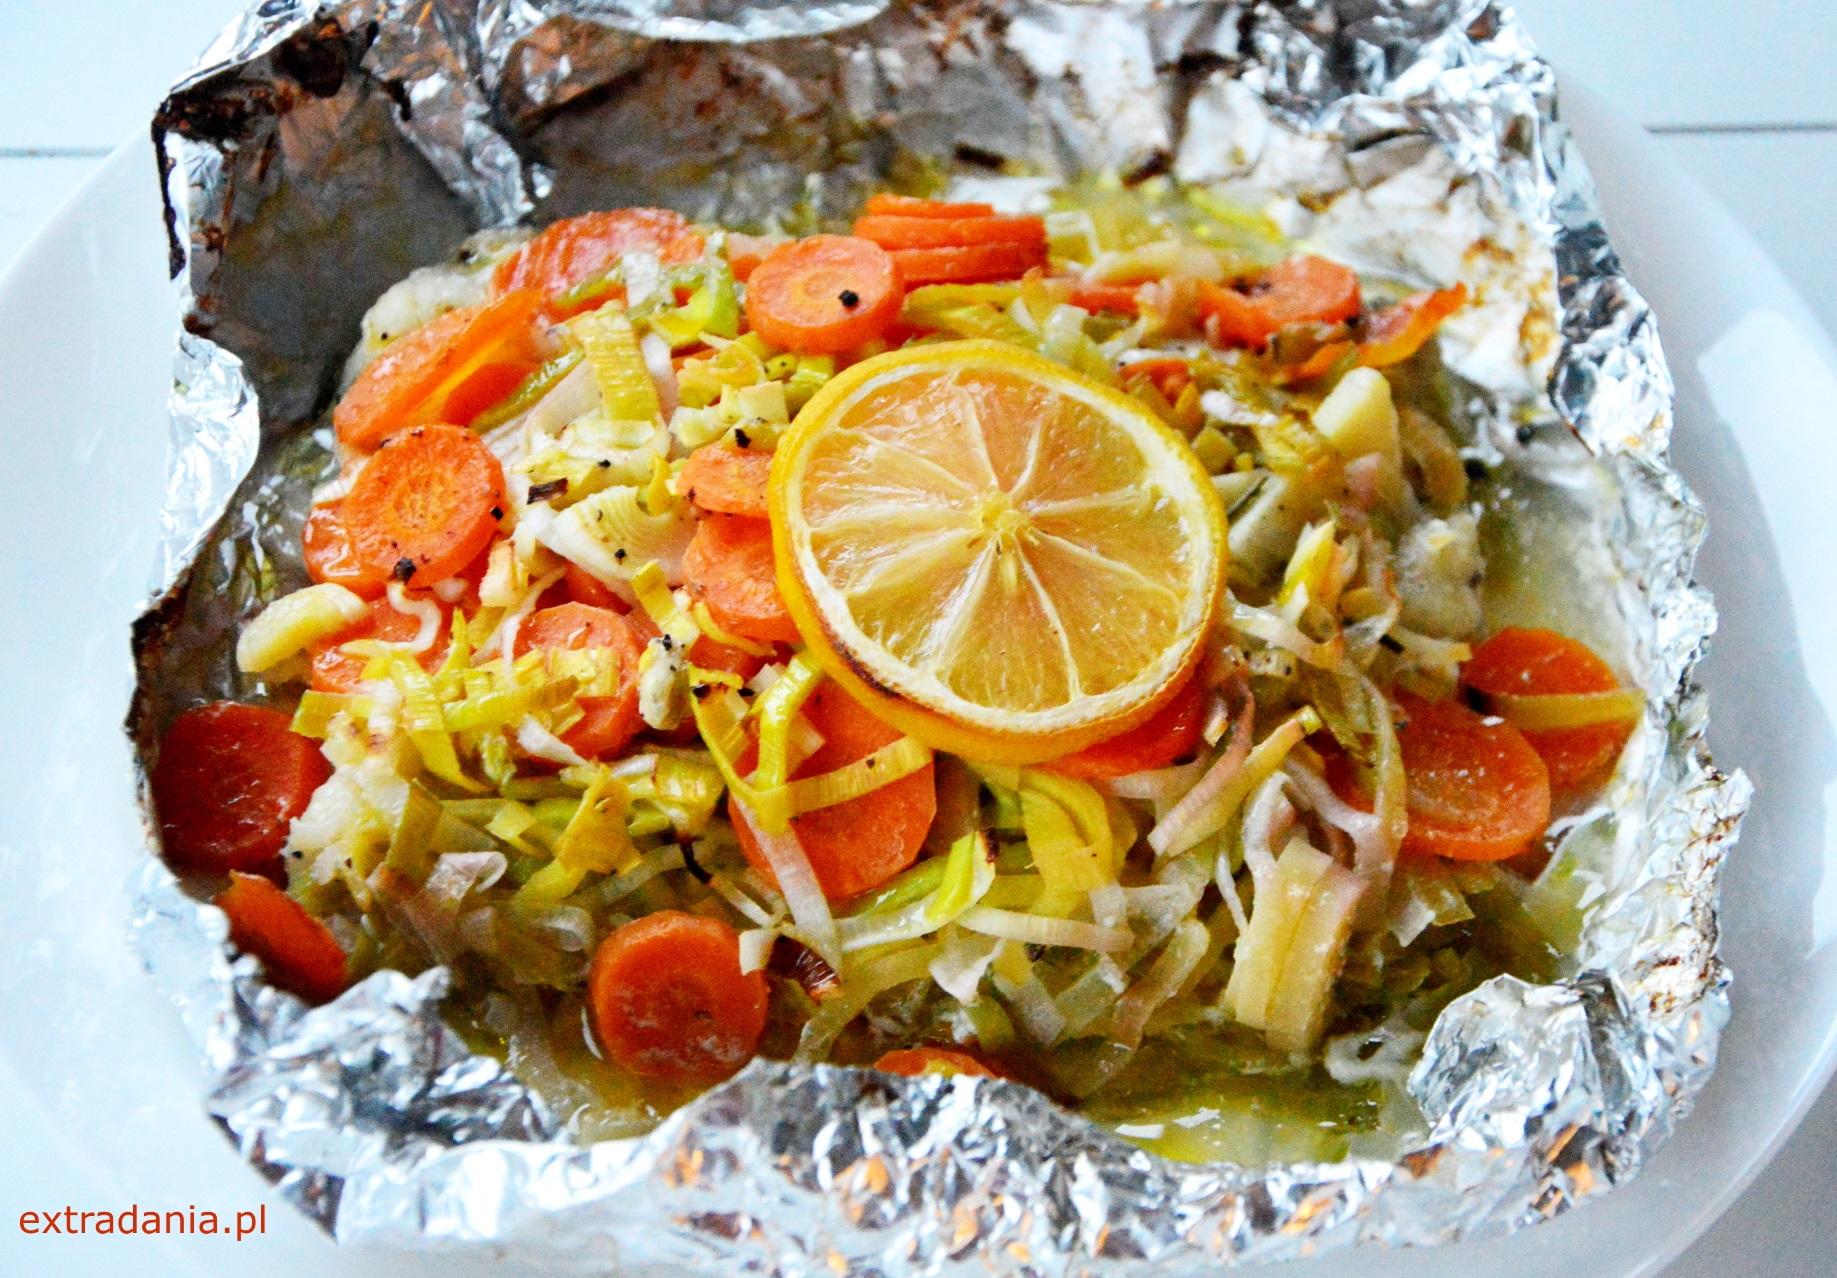 Pieczony Dorsz Z Warzywami Extradania Pl